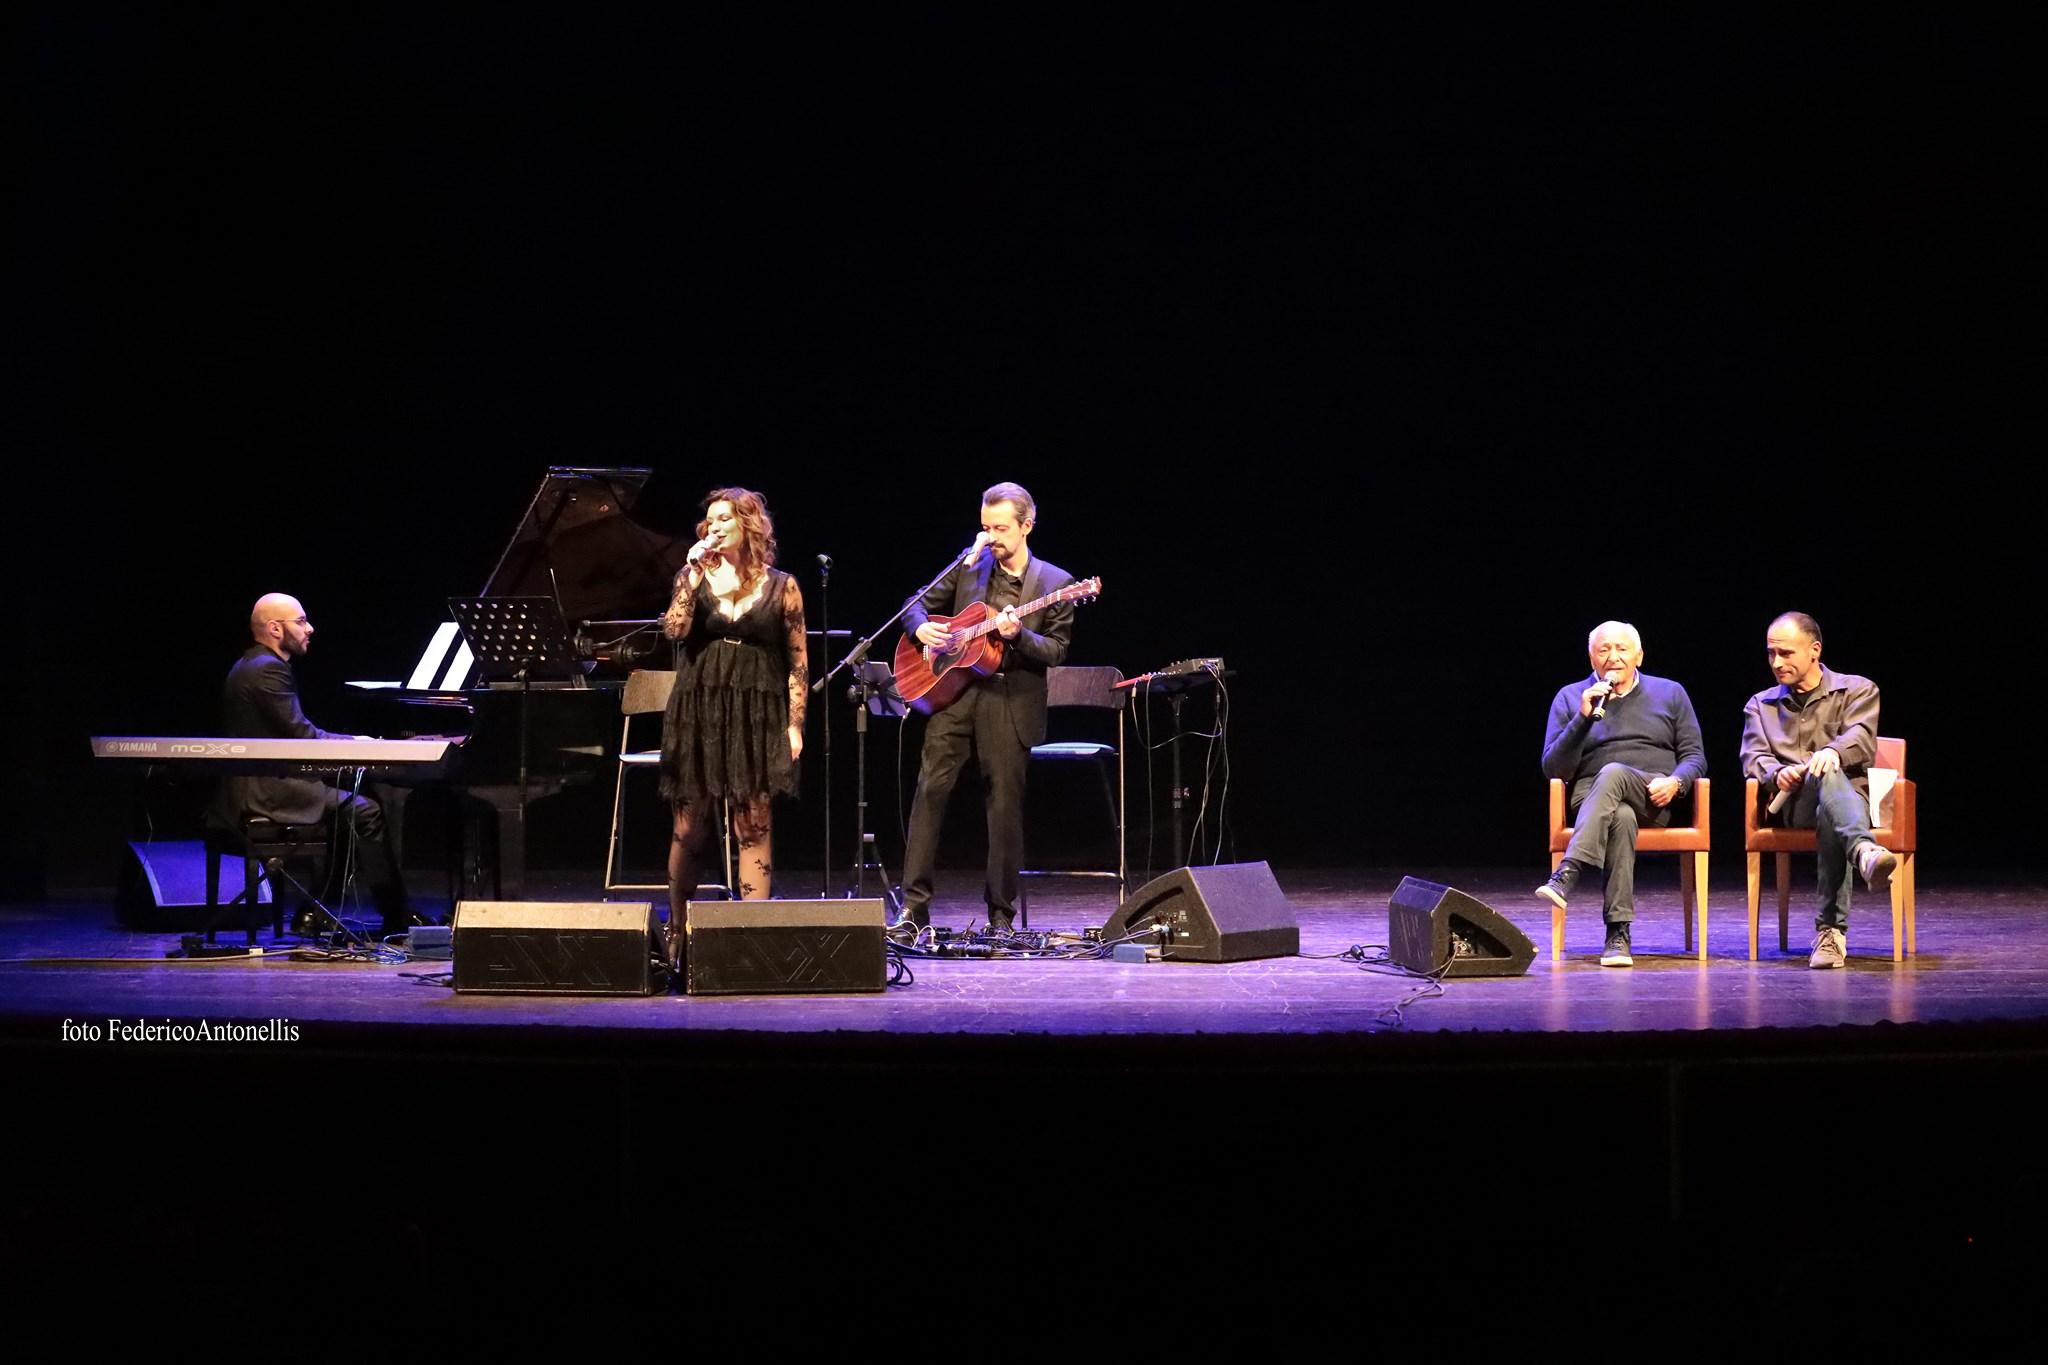 Monia Angeli Teatro Giordano Foggia